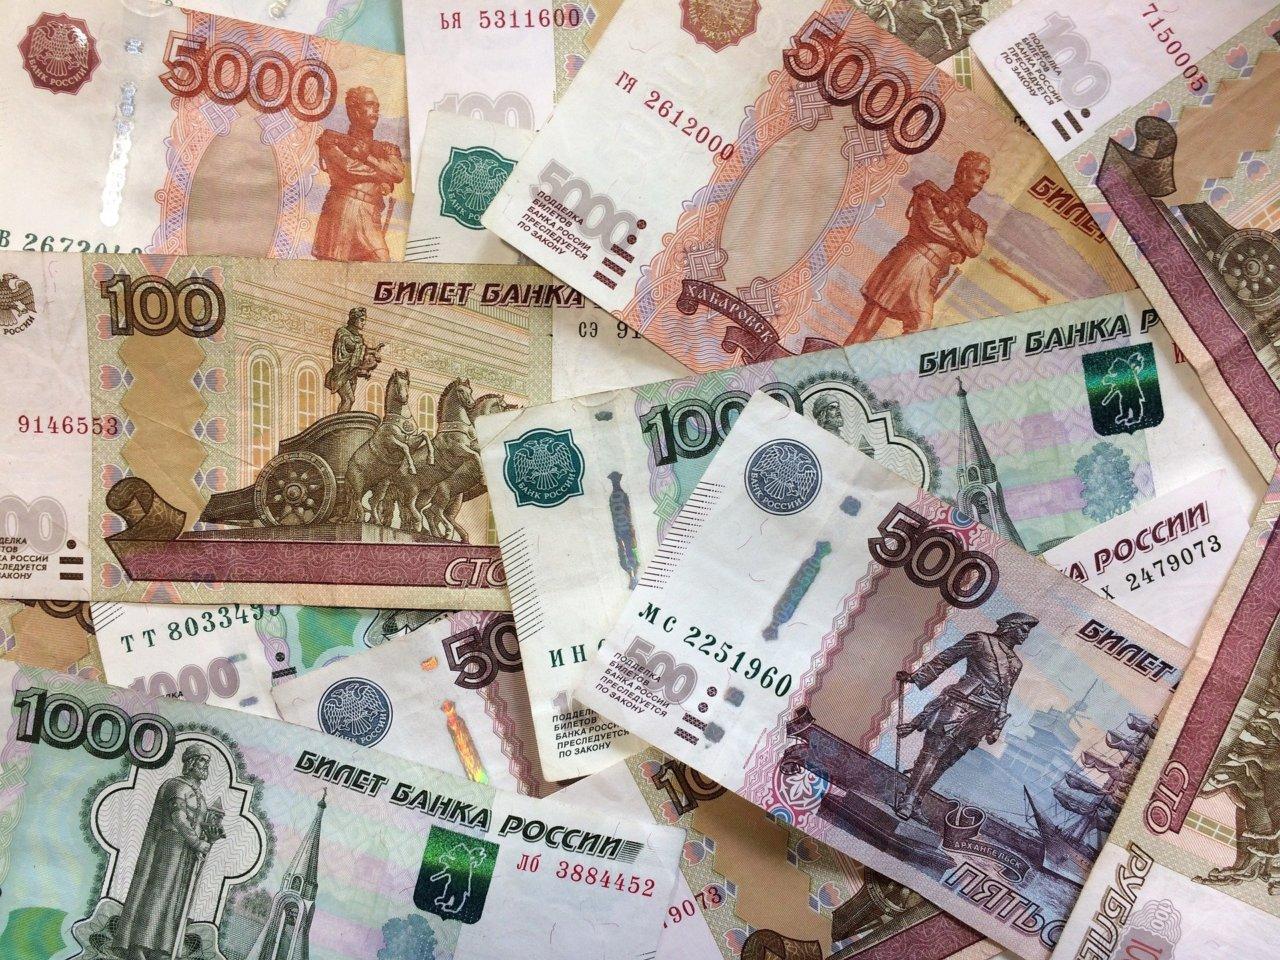 Банк «Открытие»: большинство женщин юга России потратят на подарки 23 февраля до 3 тыс. рублей